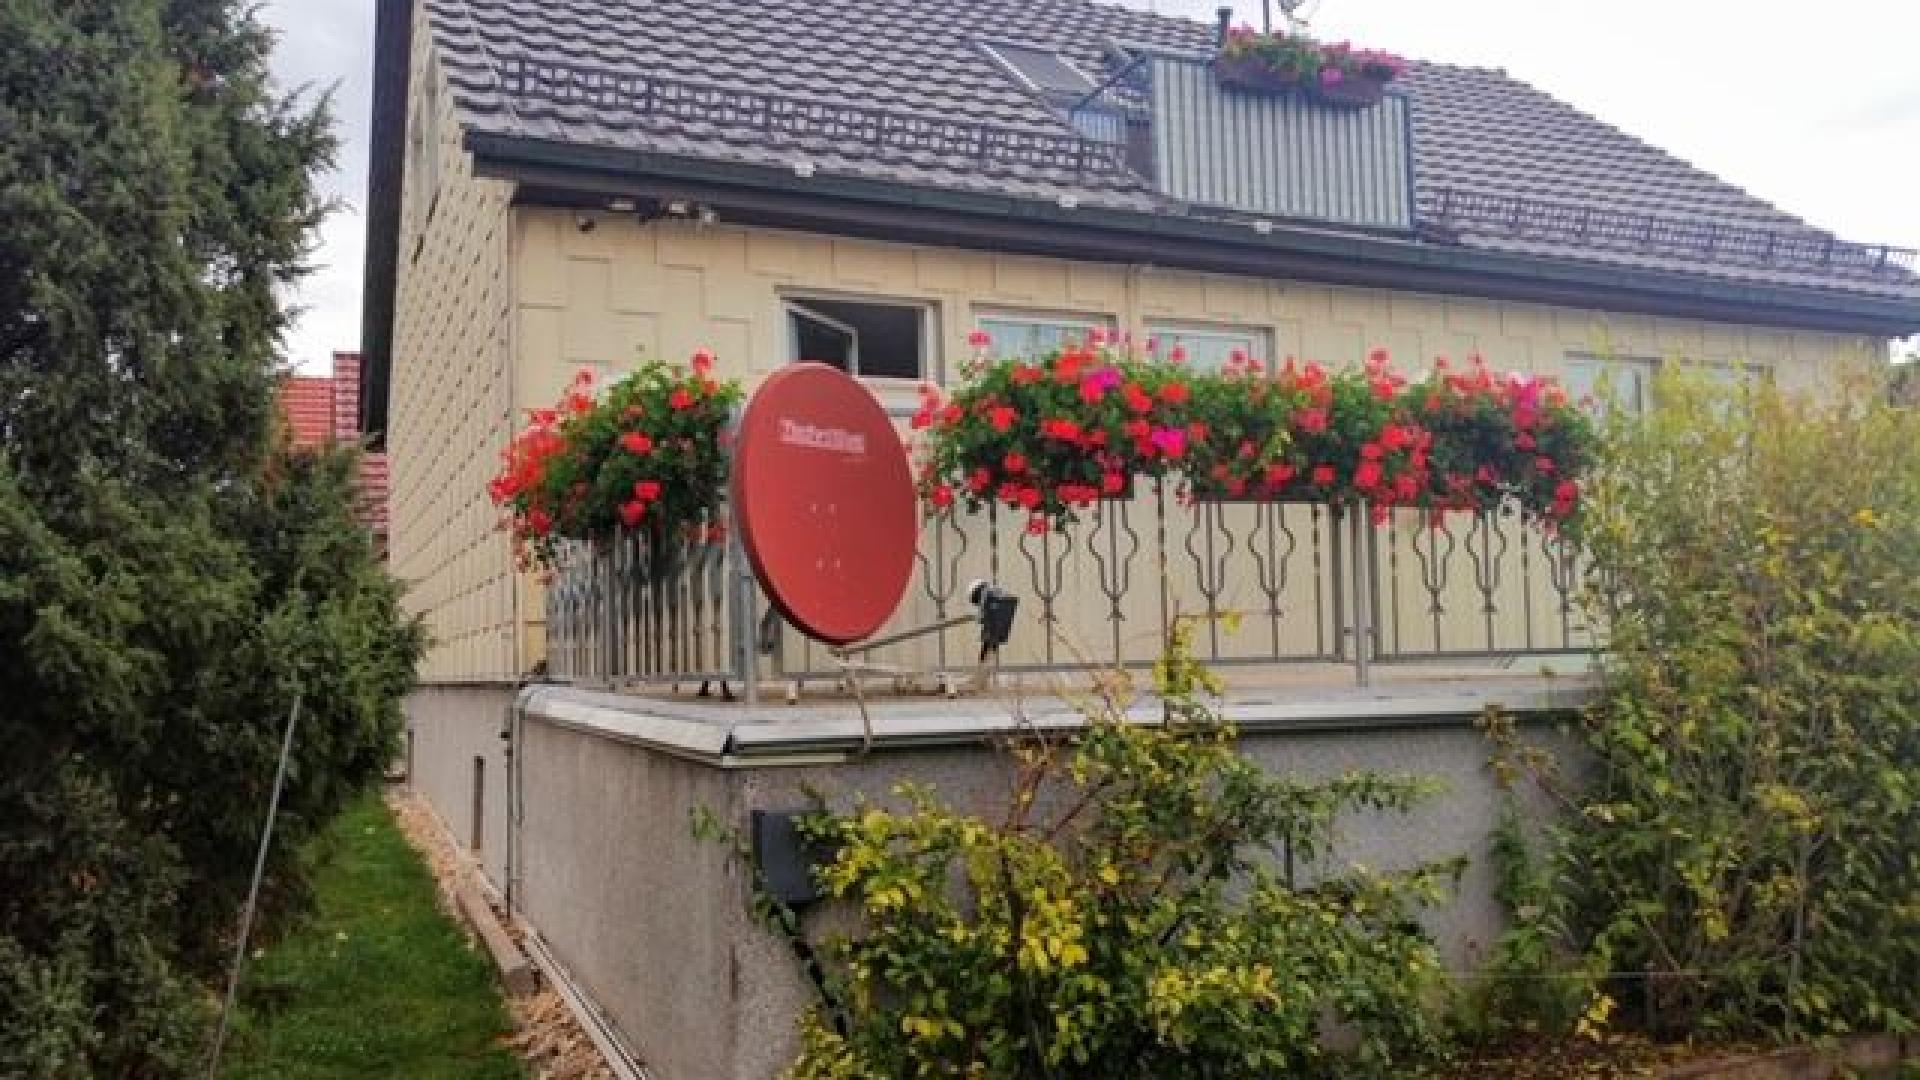 Wohnen, wo andere Urlaub machen - Ihr neues Zuhause in Sömmerda